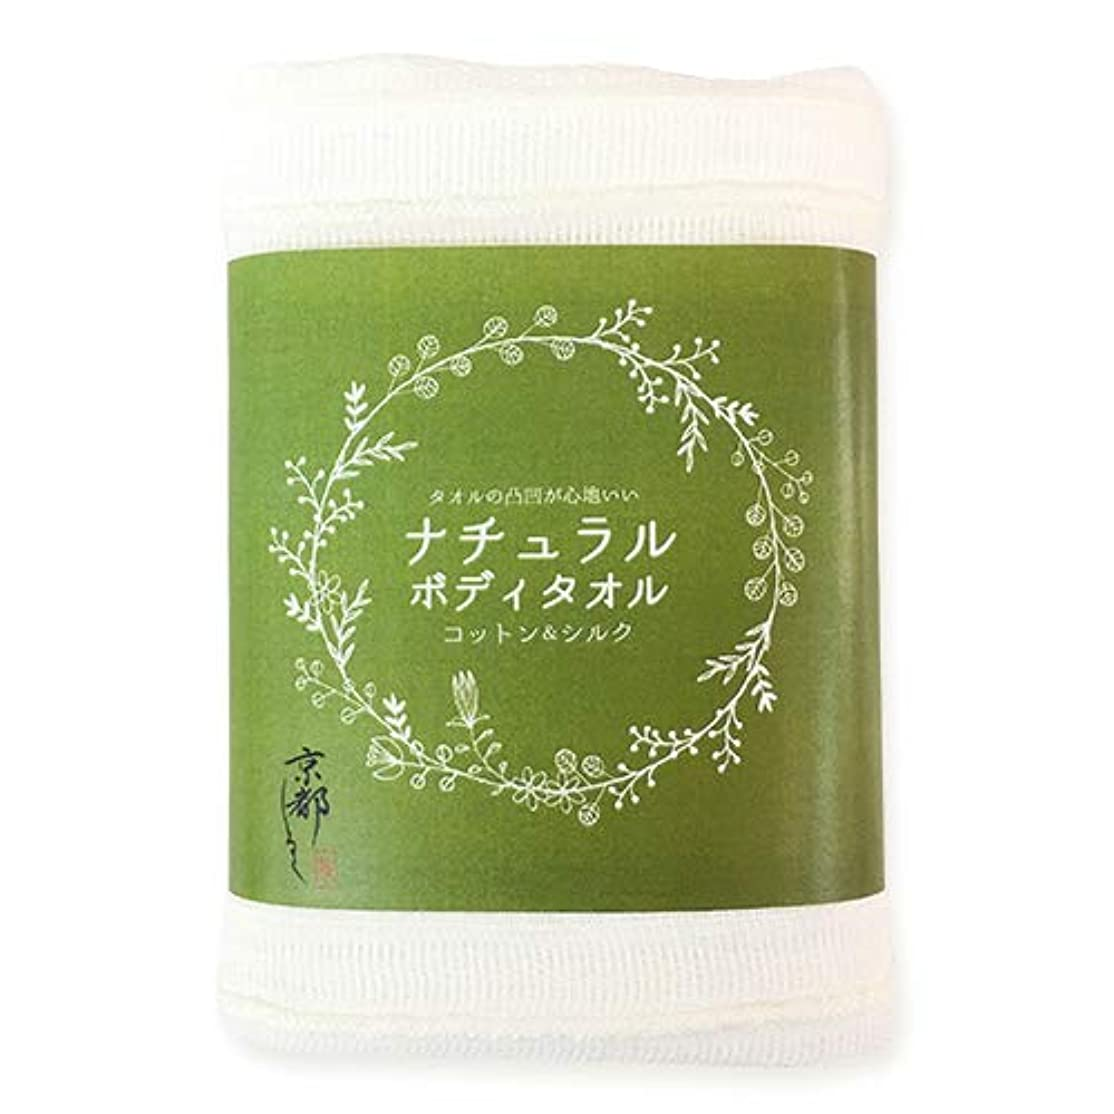 量急性の慈悲で京都しるく【天然シルク×コットンのボディタオル】浴用 / 毛髪の30倍も細い極細シルク繊維とコットンでお肌を磨く ニキビ ざらつき うぶ毛の気になる方にも最適 かかとキレイ